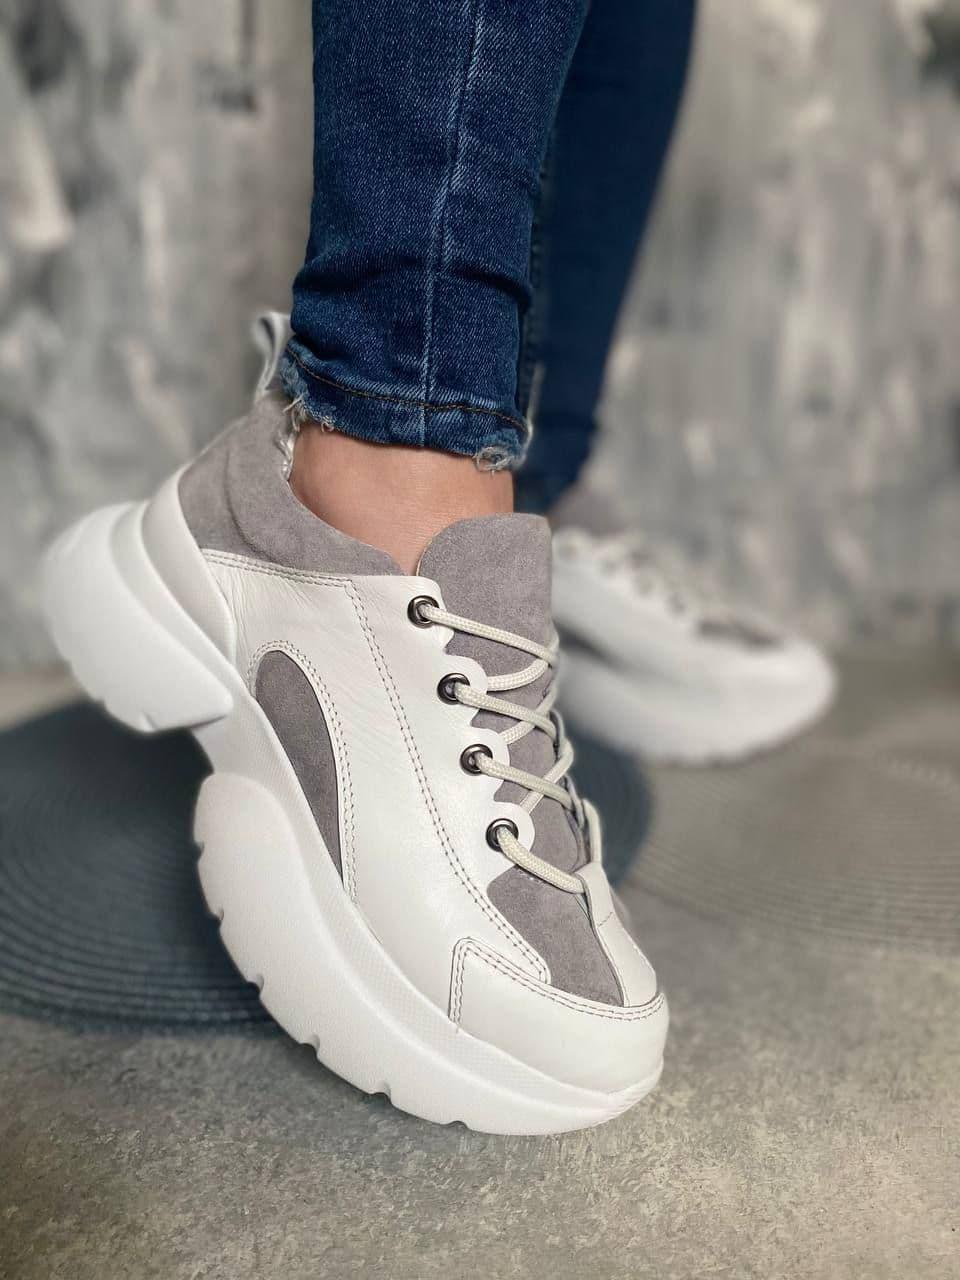 Женские комбинированные кроссовки со шнуровкой 36-41 р